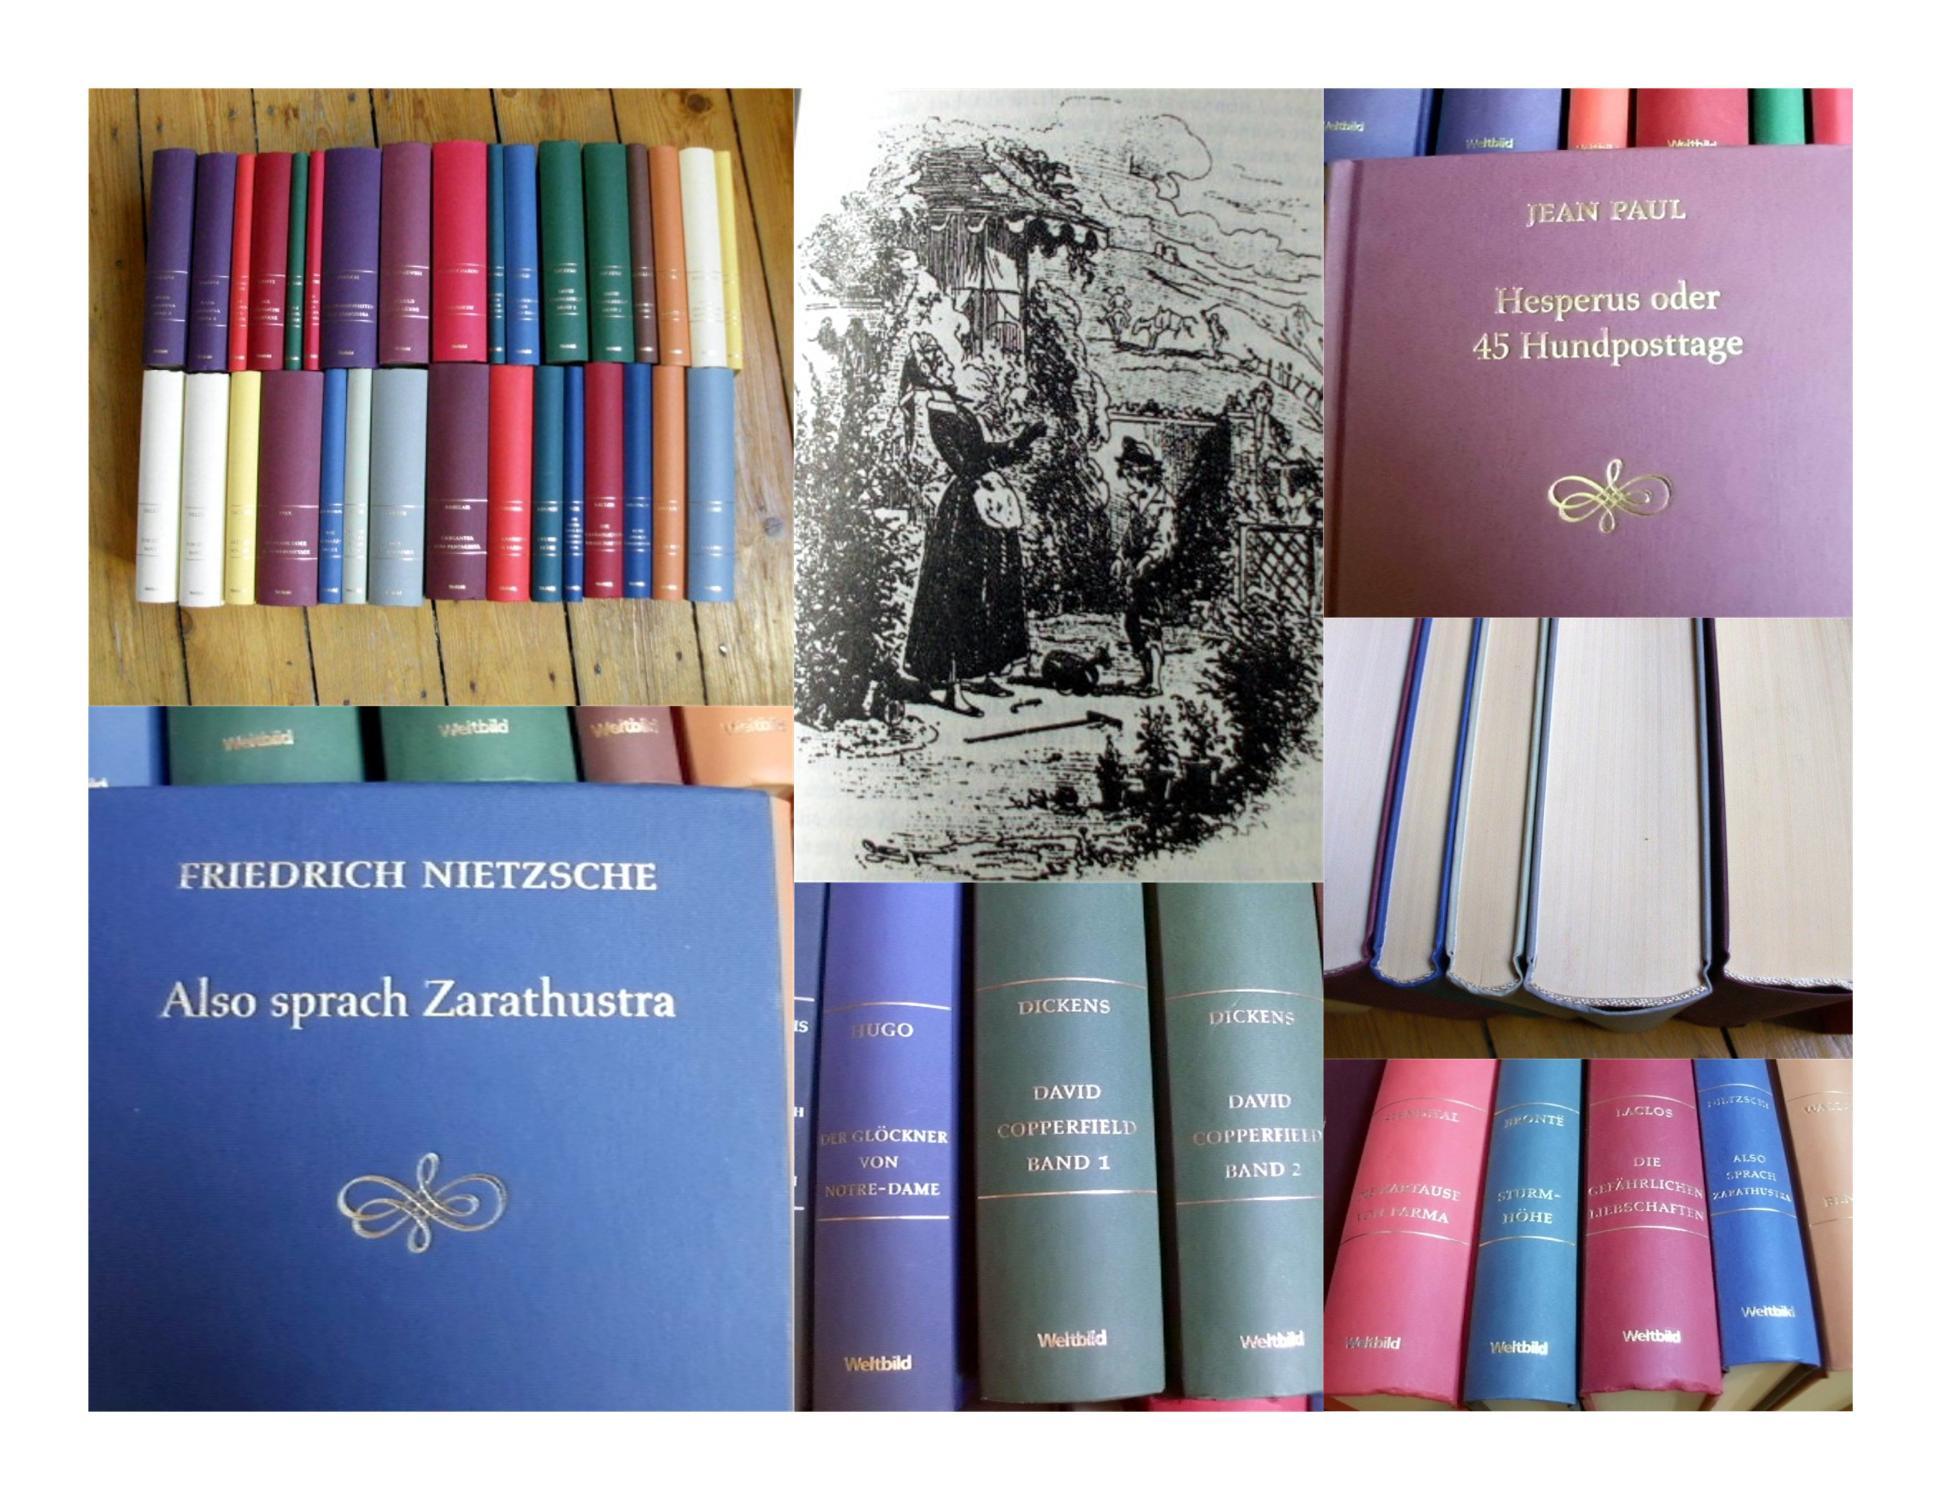 Verlag hrsg weltbild zvab for Verlag weltbild